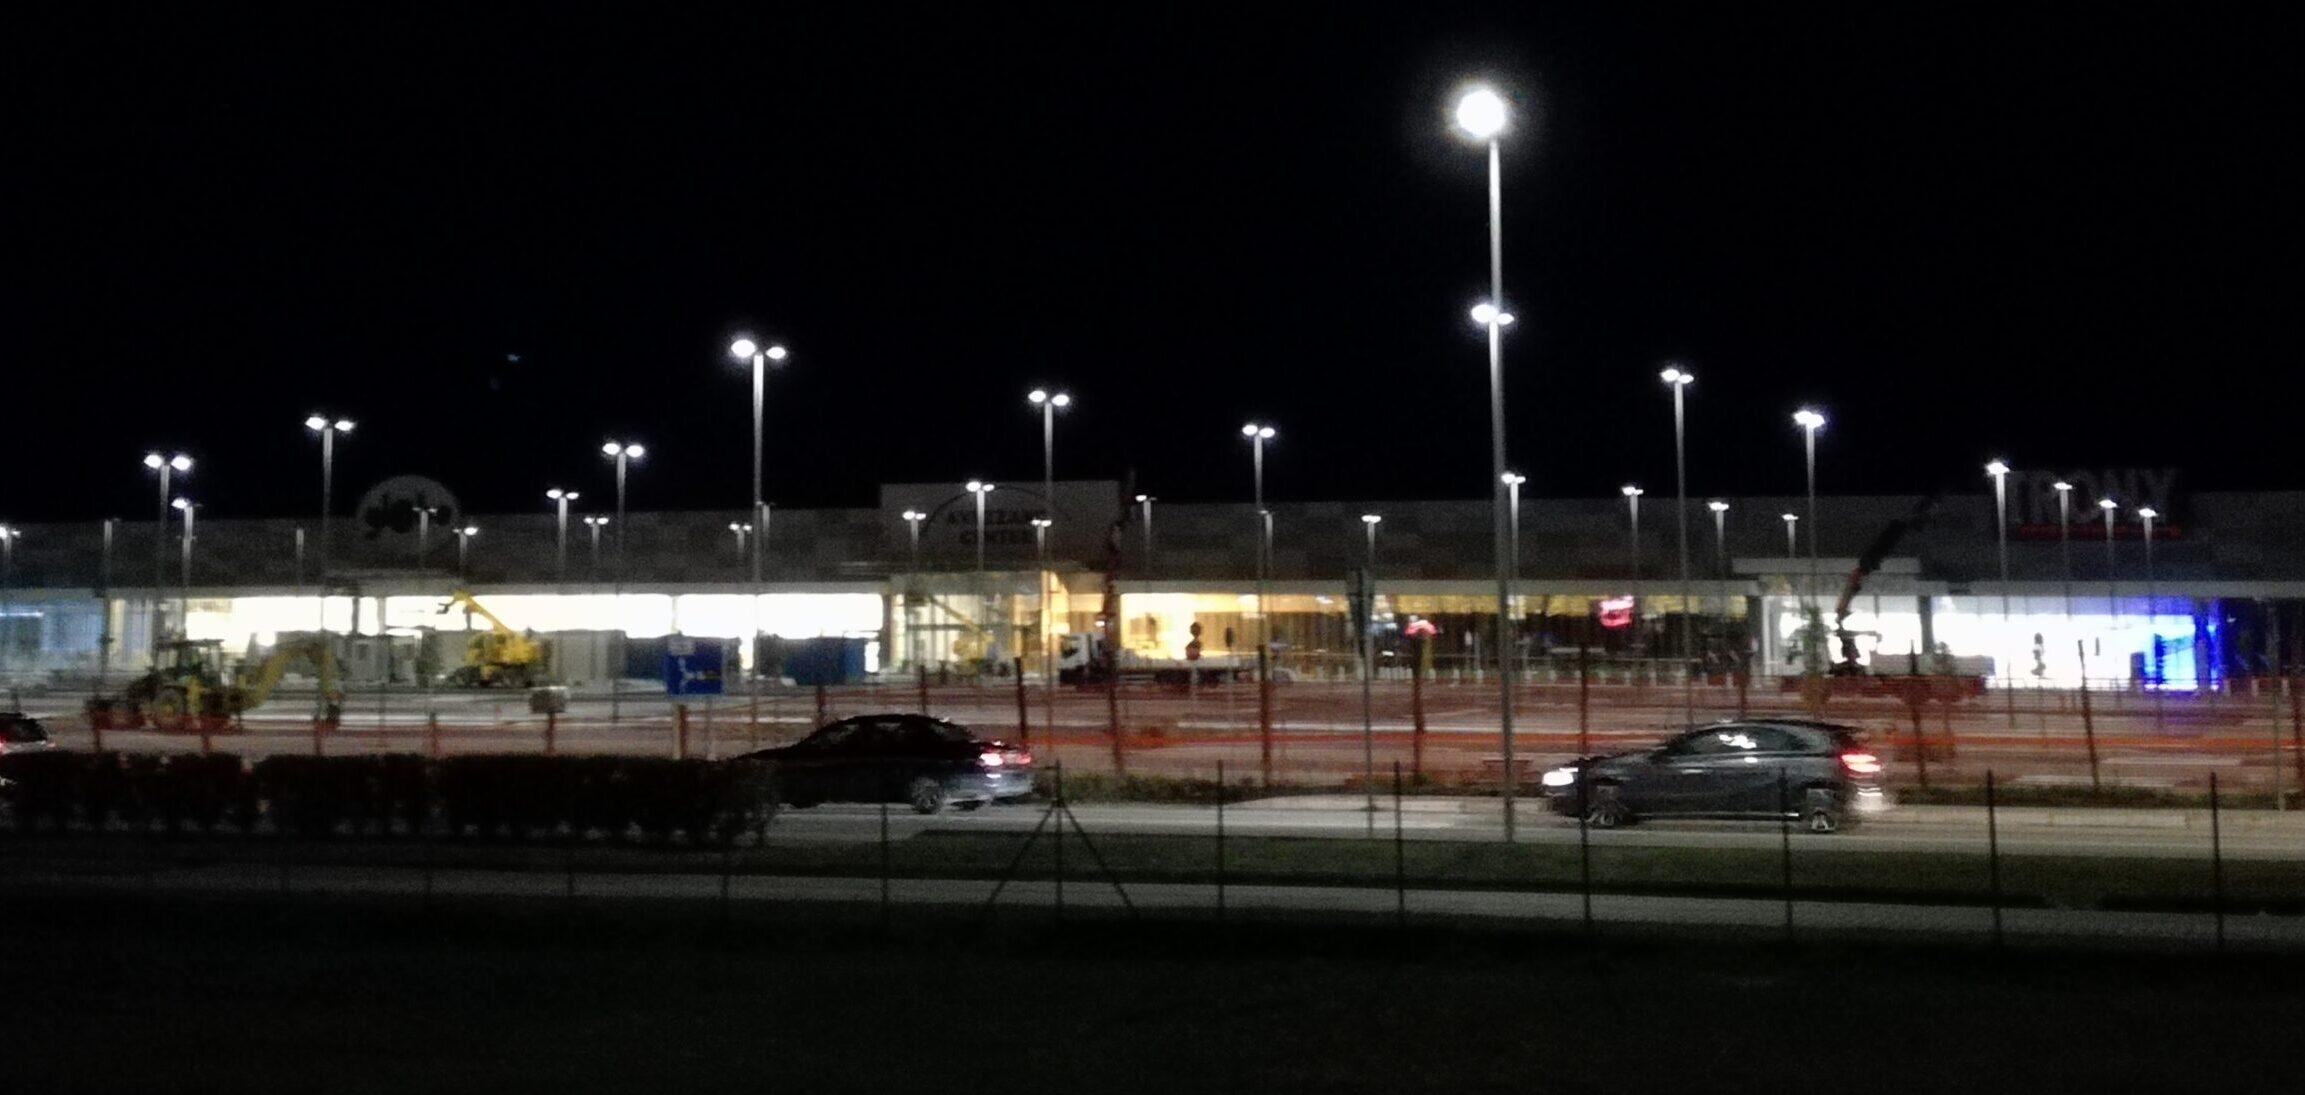 Ancora pochi giorni prima dell'apertura del nuovo centro commerciale. Preoccupazione per il traffico sulla Tiburtina